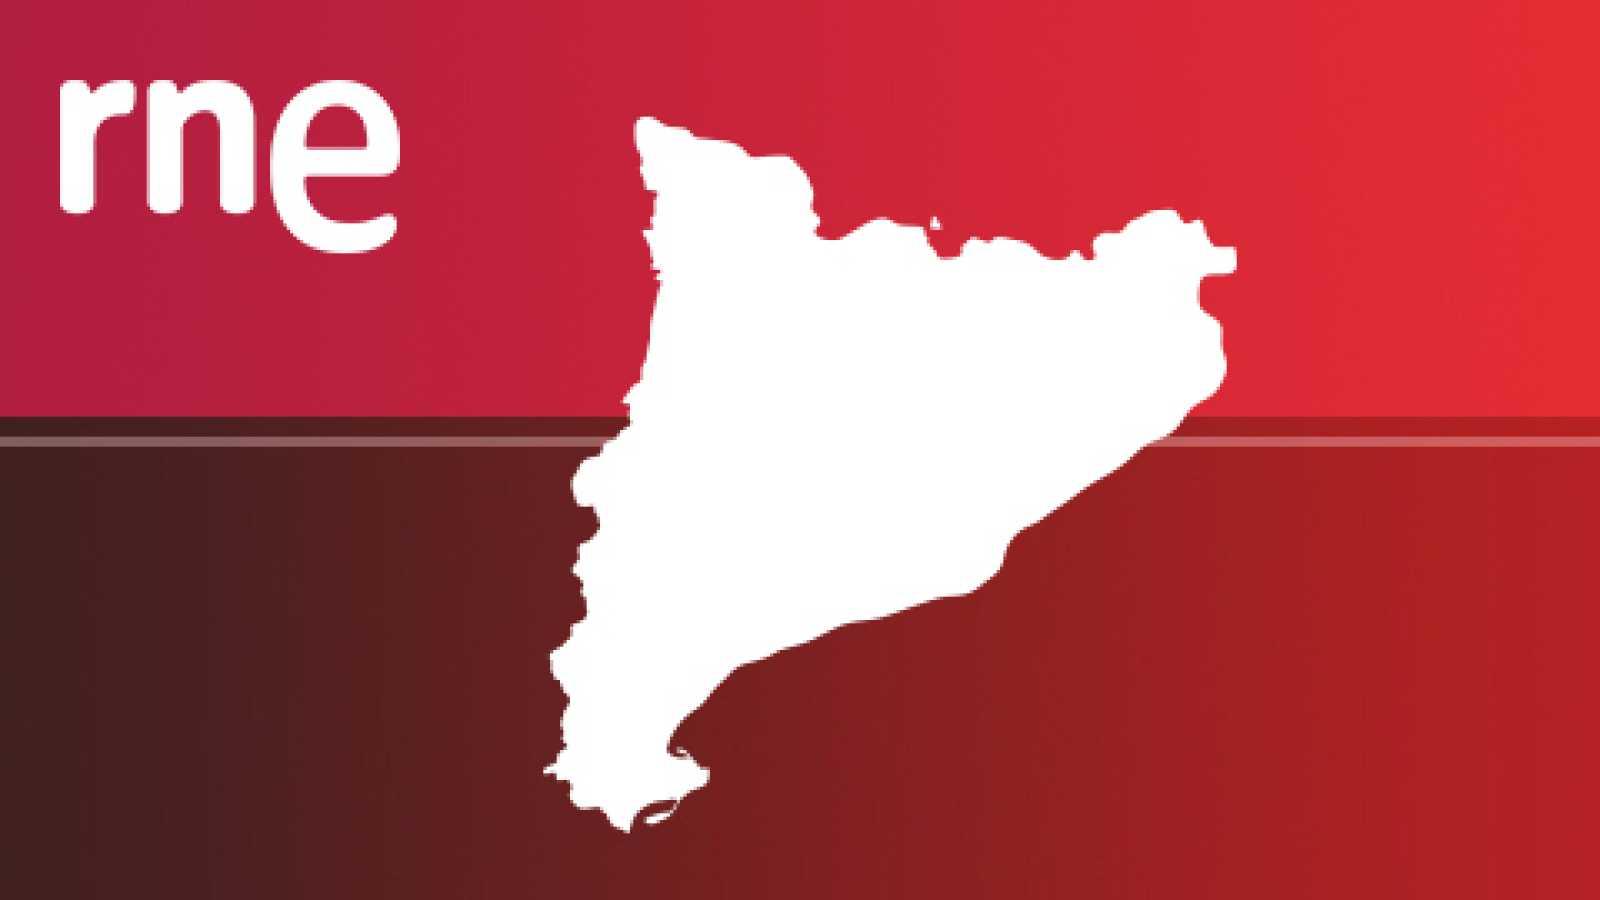 Edició Migdia - El Govern anuncia el tancament de bars i restaurants tancaran durant 15 díes